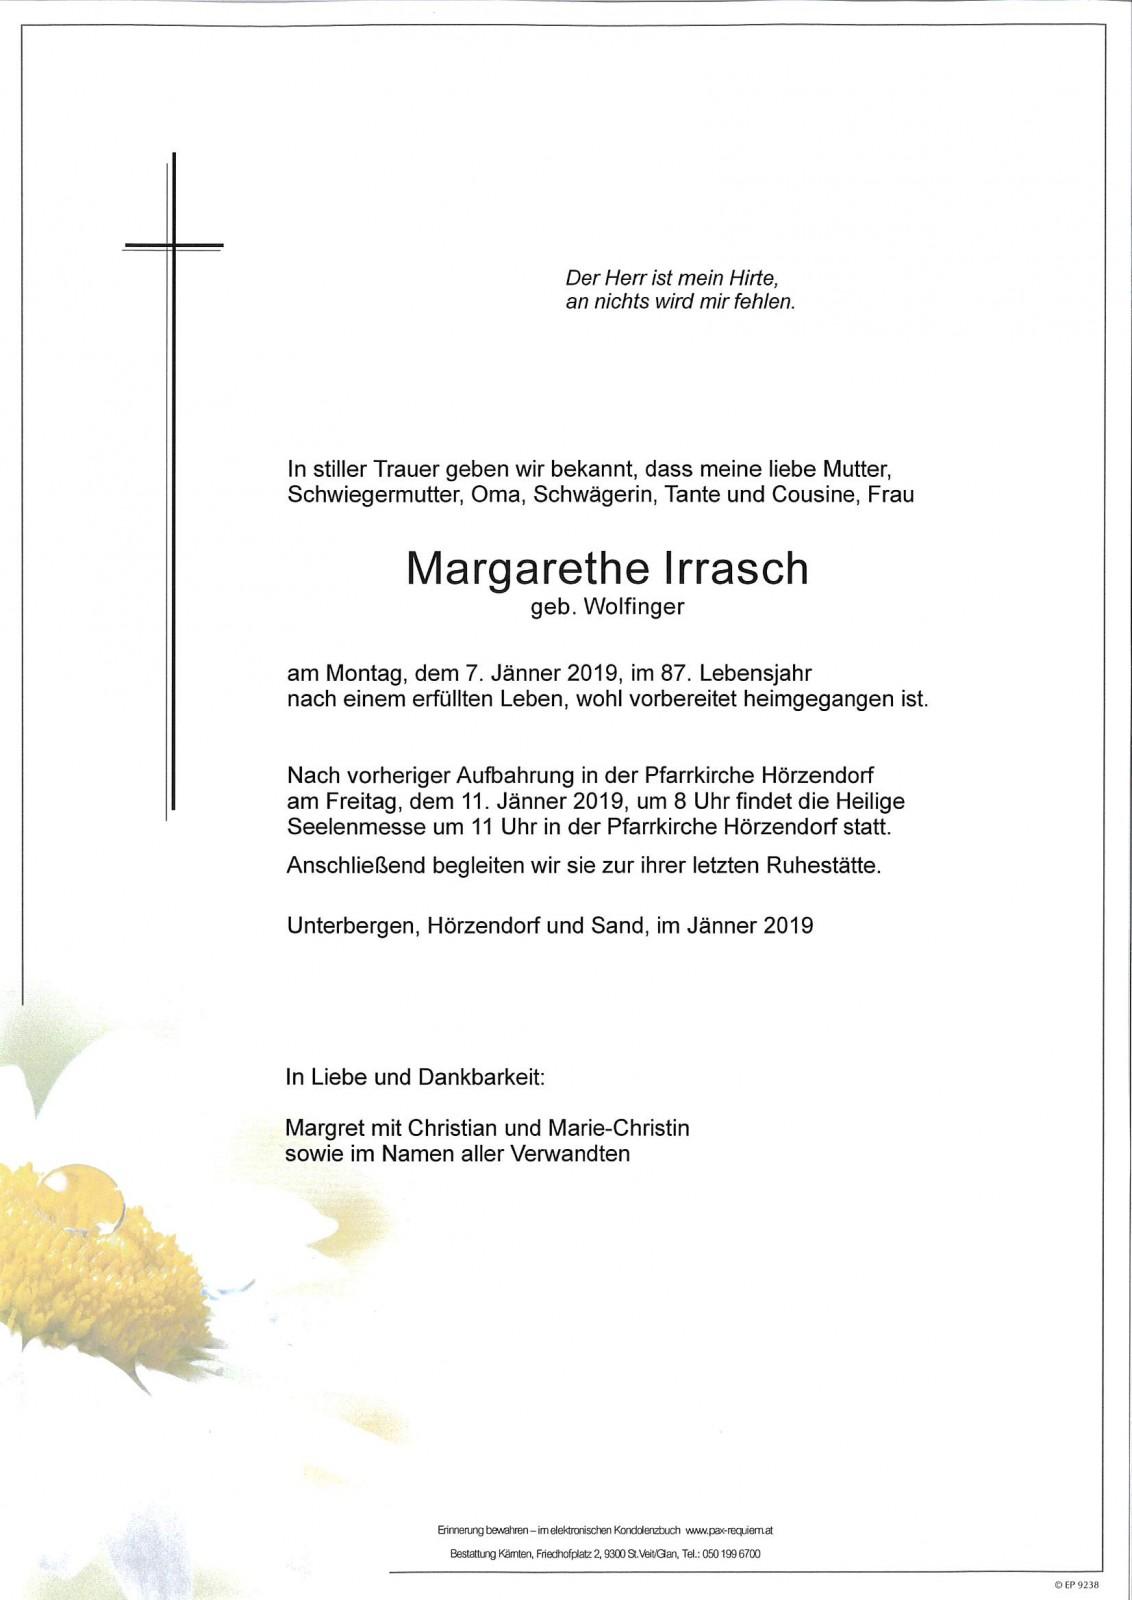 Parte für Margarethe Irrasch pax · requiem